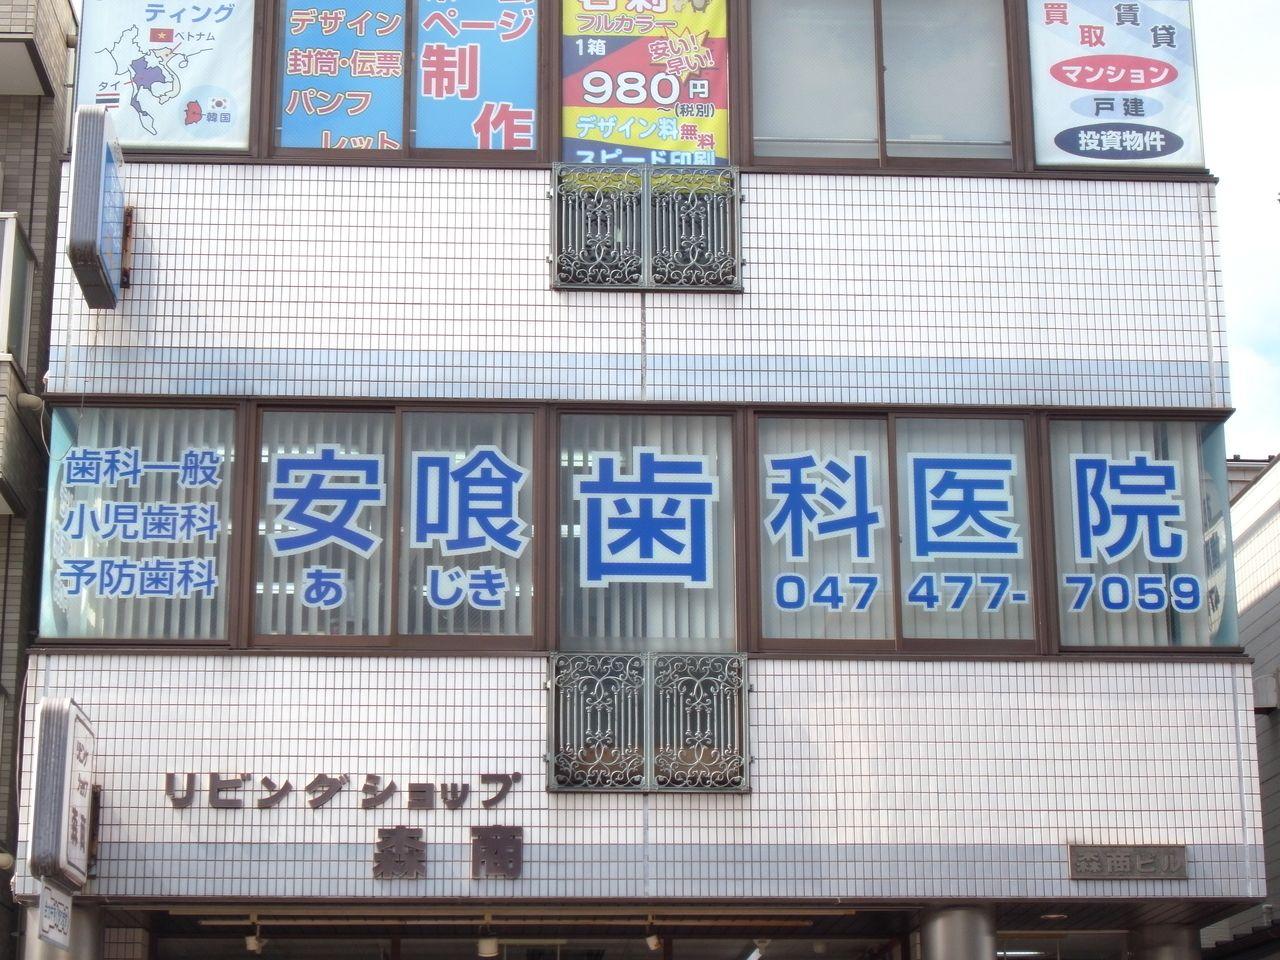 実籾の歯科「あじき歯科医院」